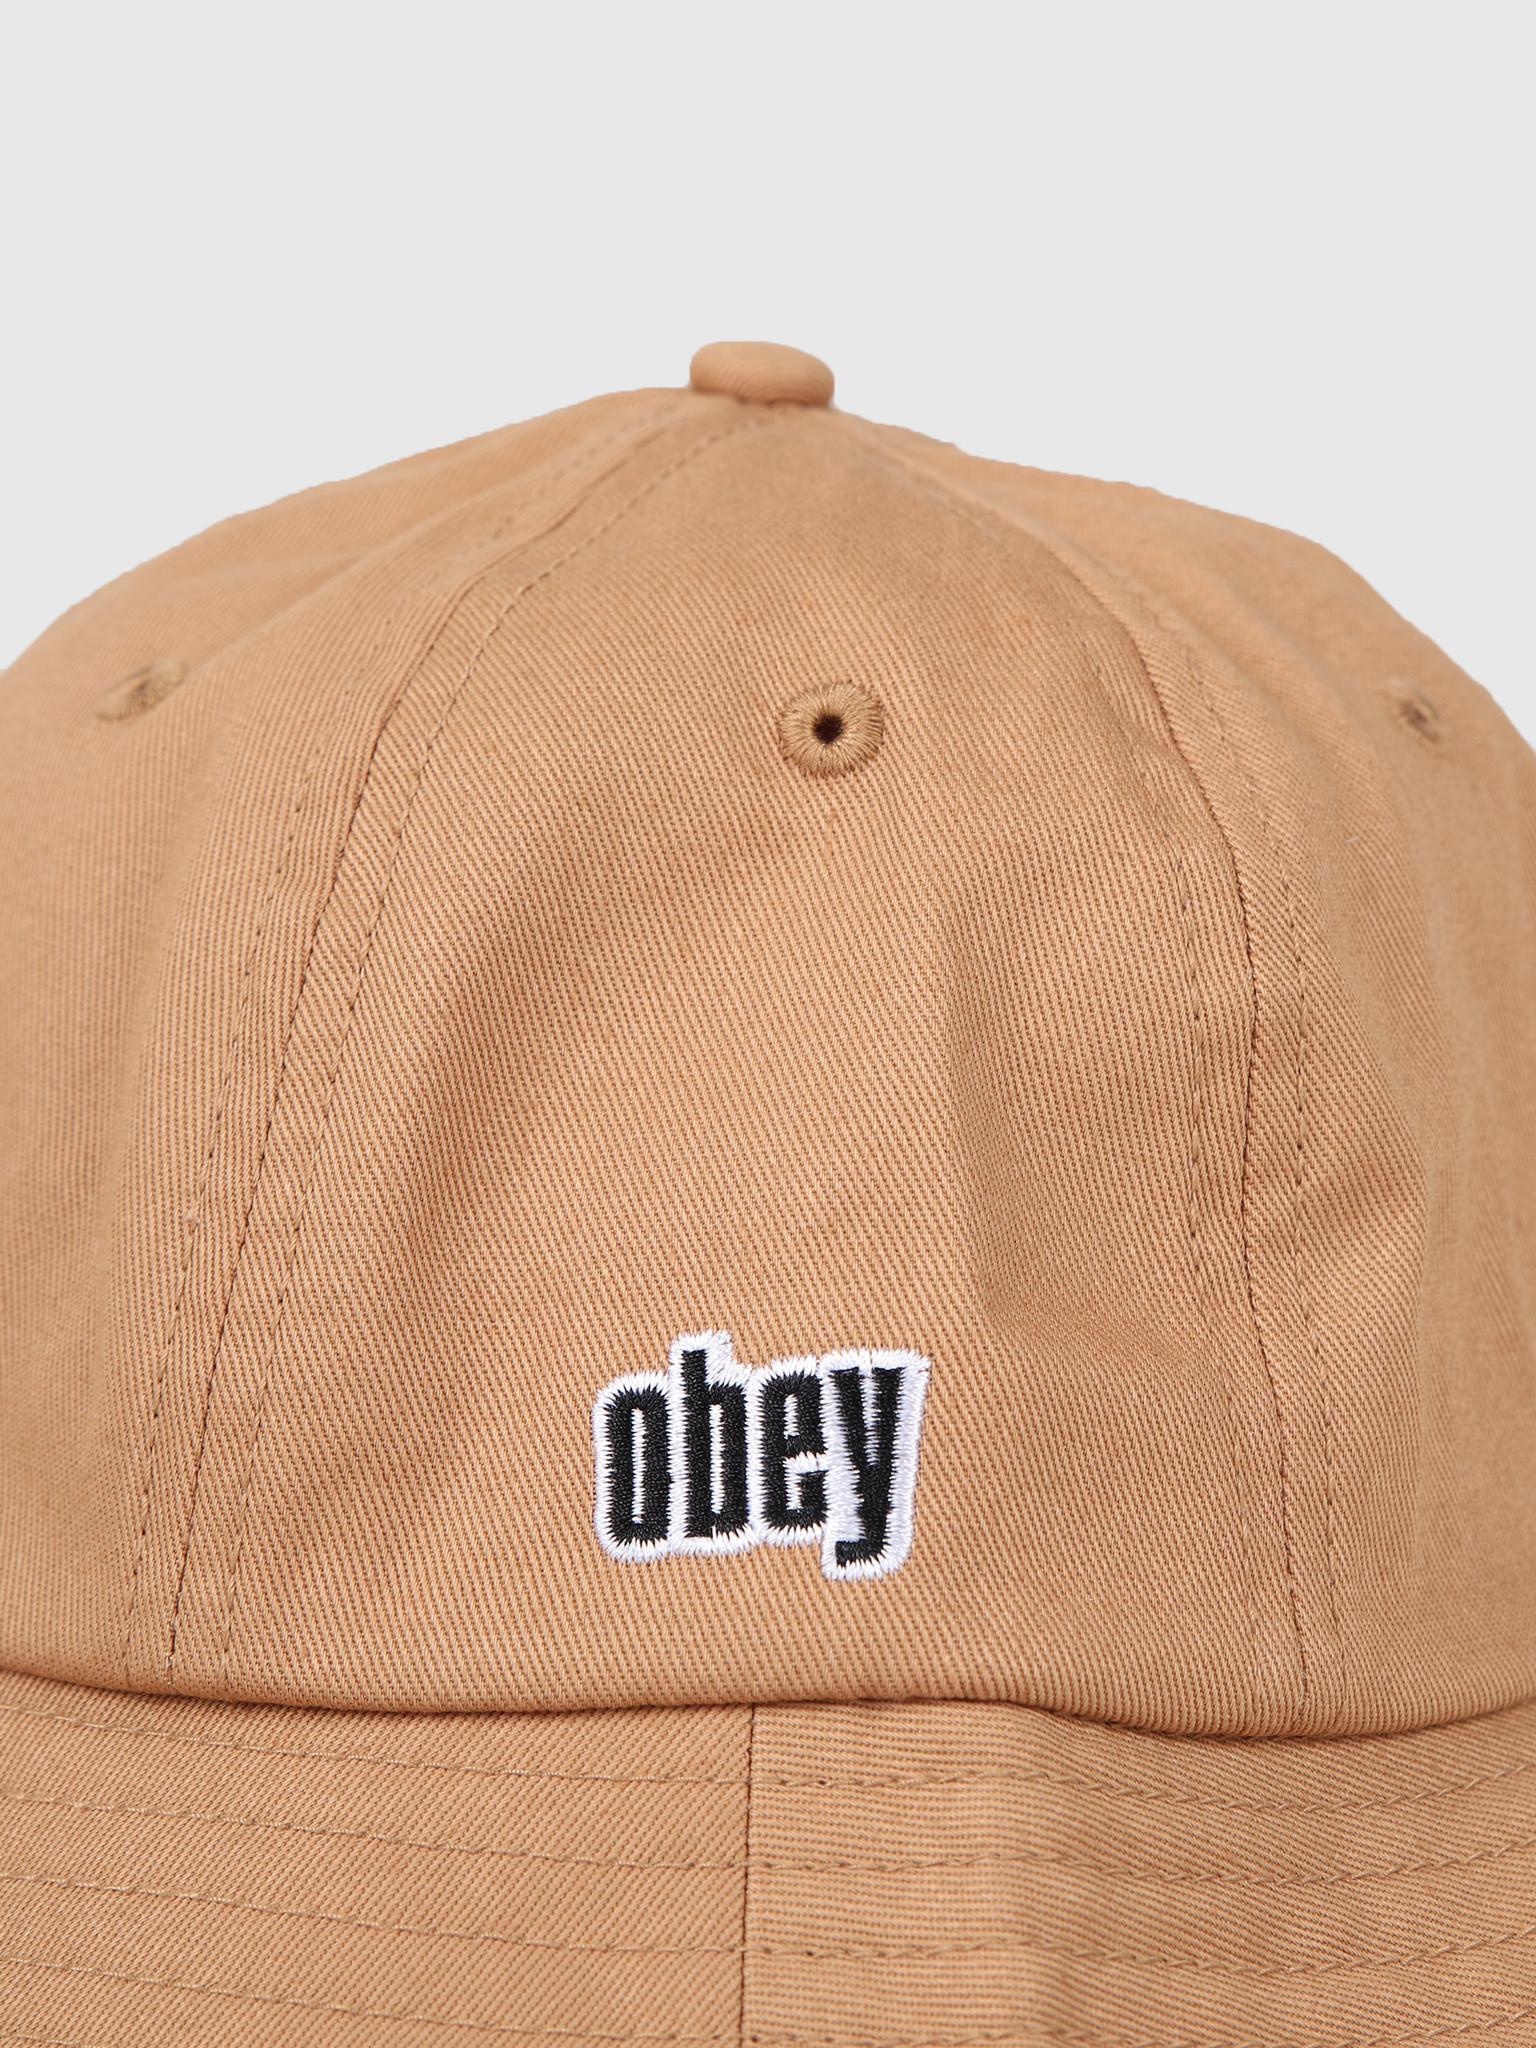 Obey Obey Dominic Bucket Hat Bone Brown 100520030Bon